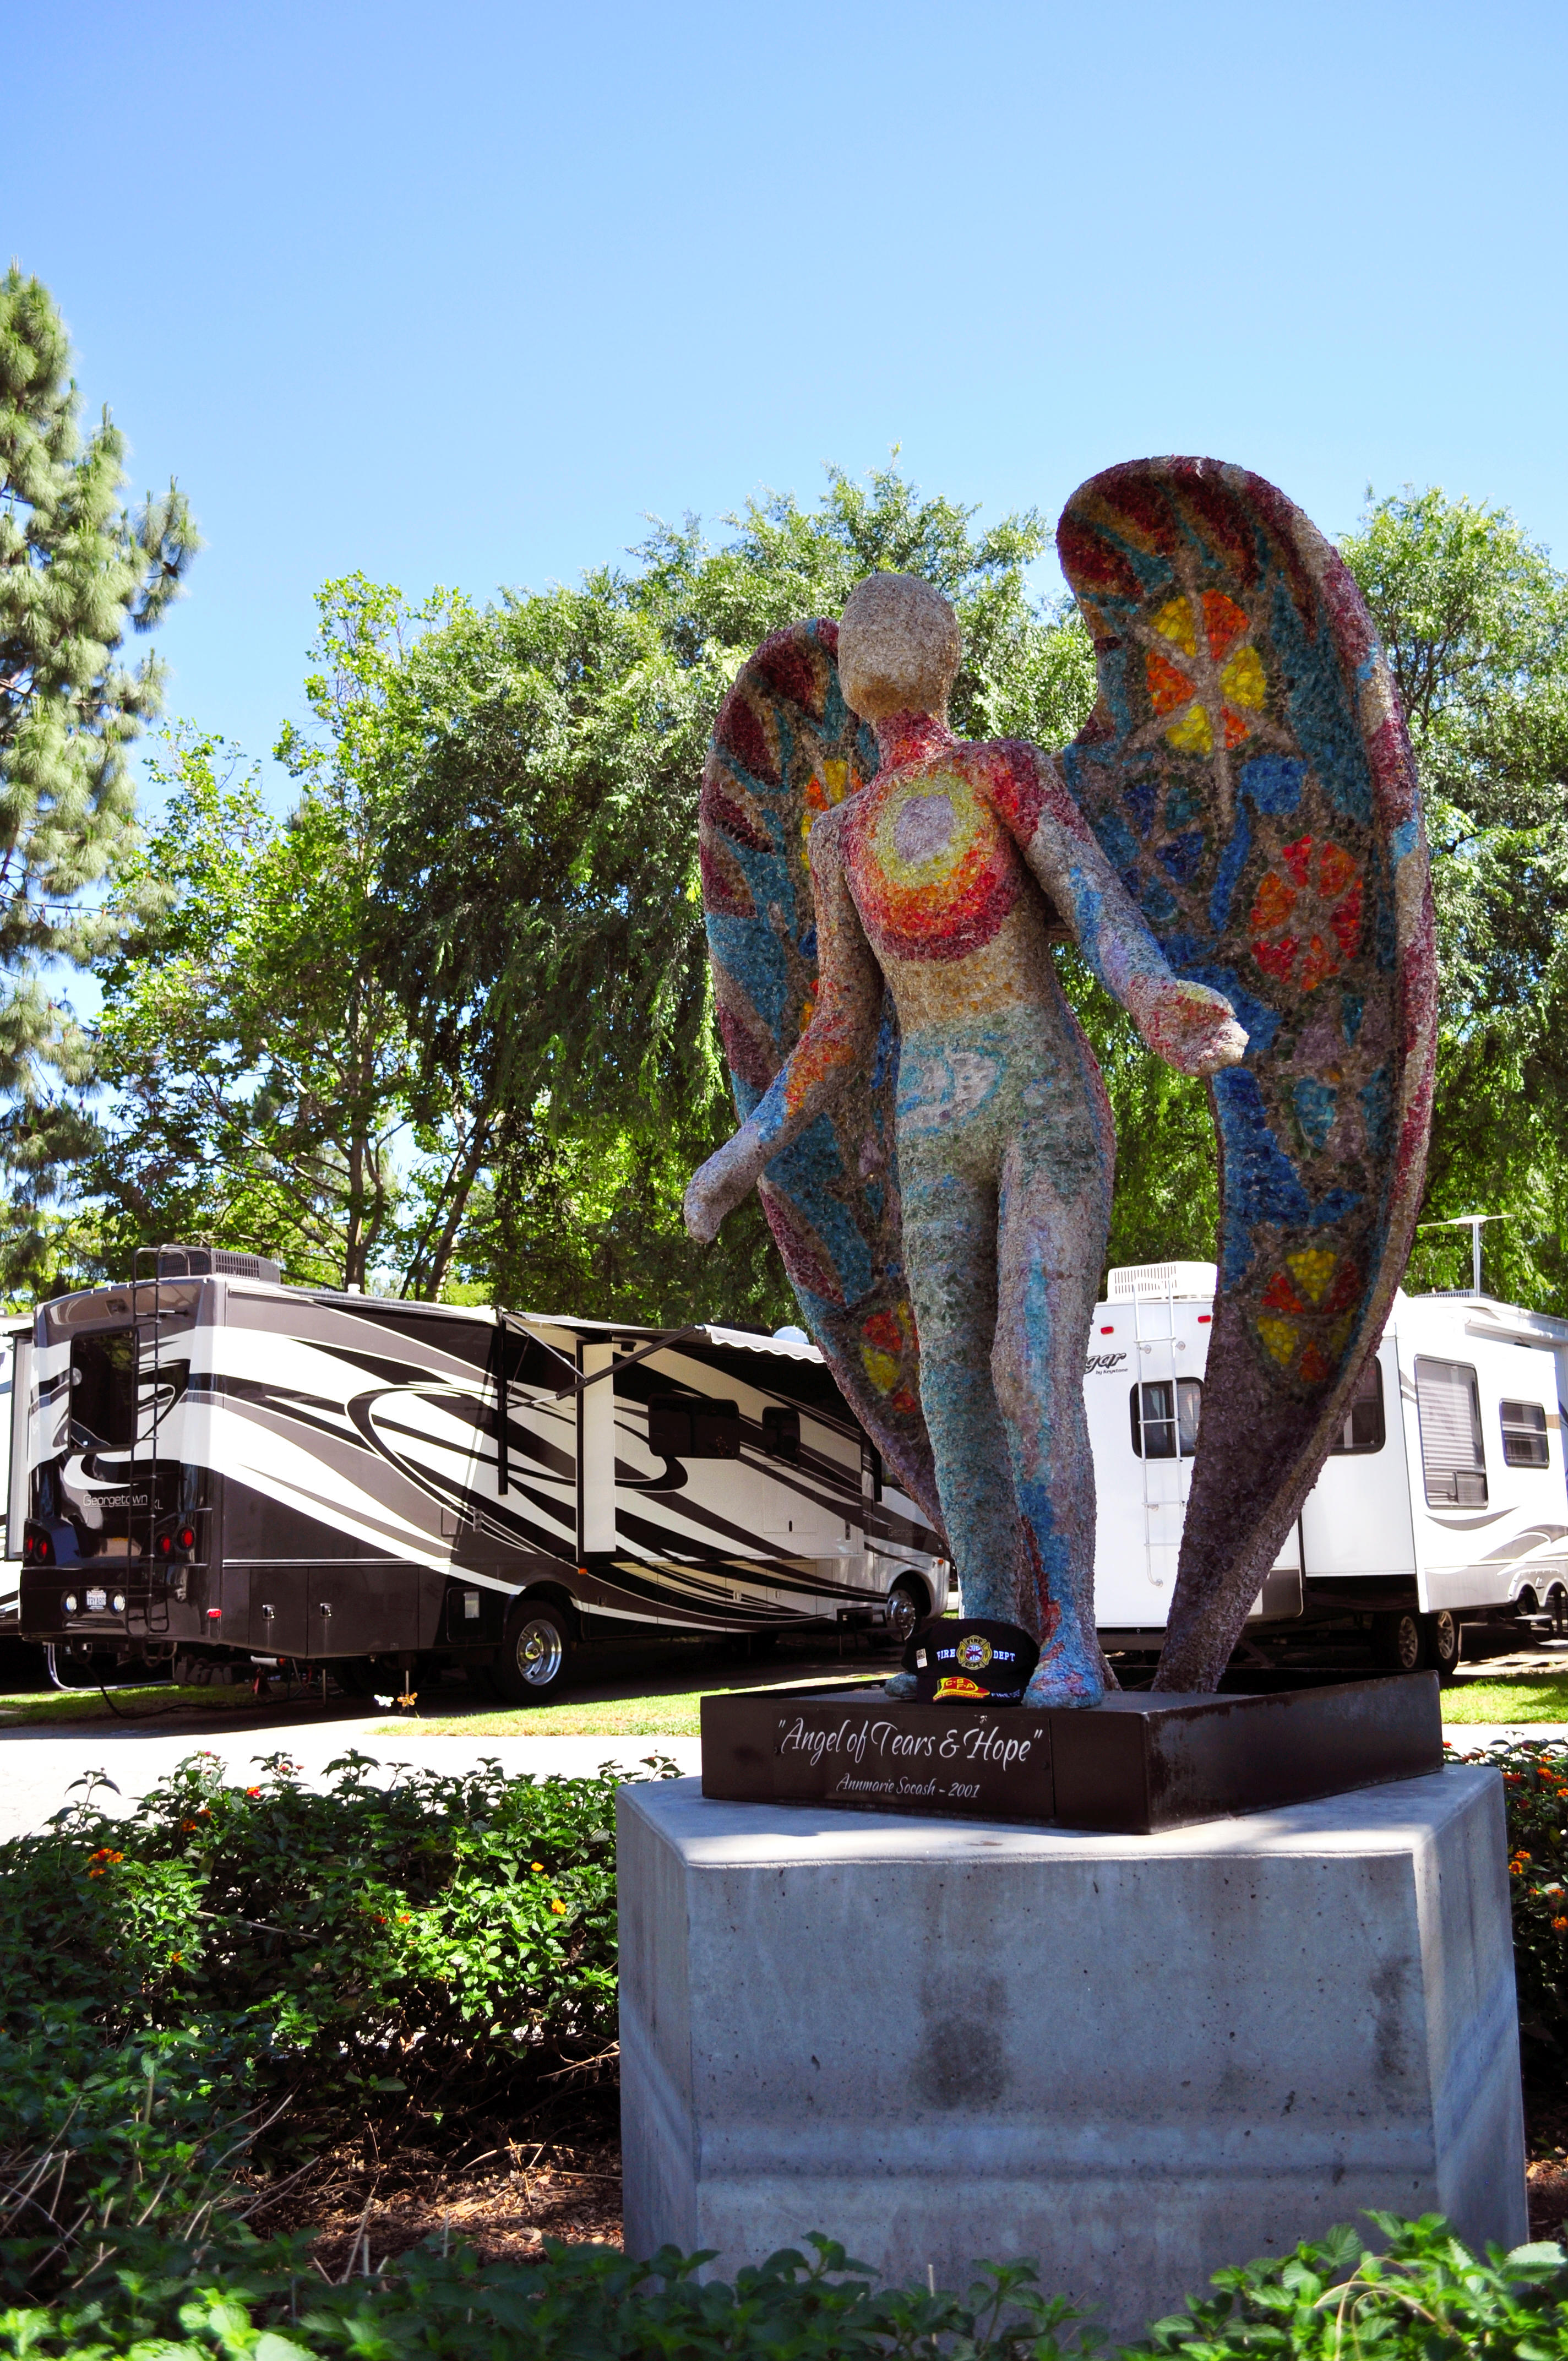 Los Angeles / Pomona / Fairplex KOA image 1